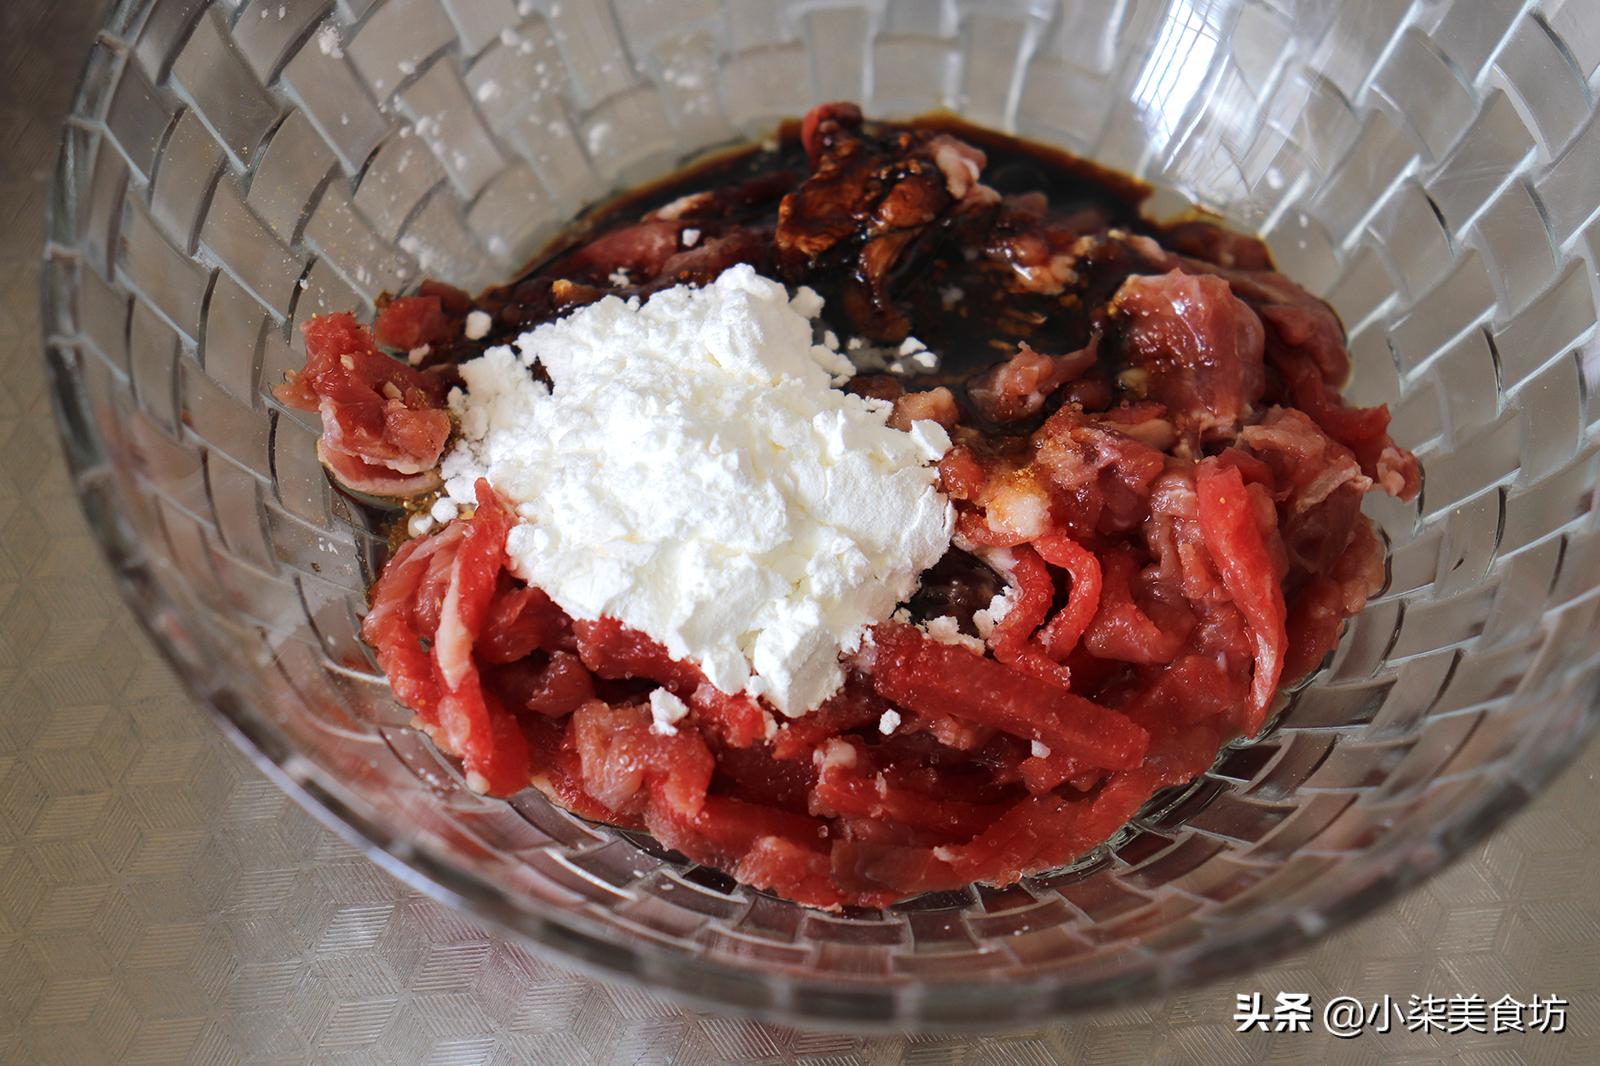 炒豆角时,切记不要直接下锅炒,多加2步,鲜嫩入味,营养又下饭 美食做法 第6张